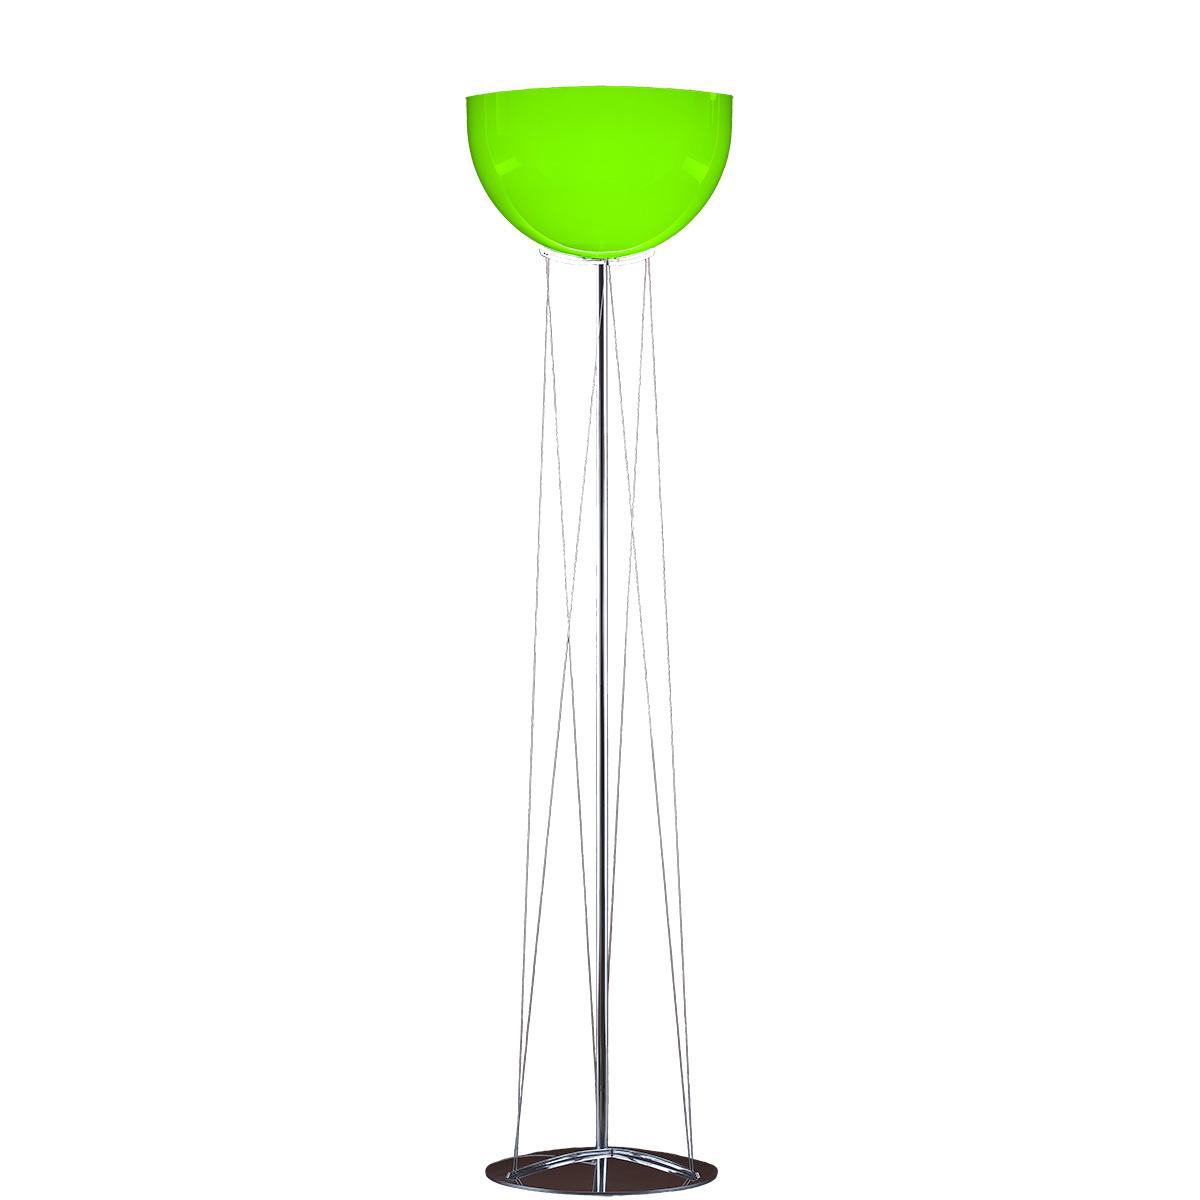 Φωτιστικό δαπέδου Μουράνο πράσινο MARS modern green Murano floor lamp